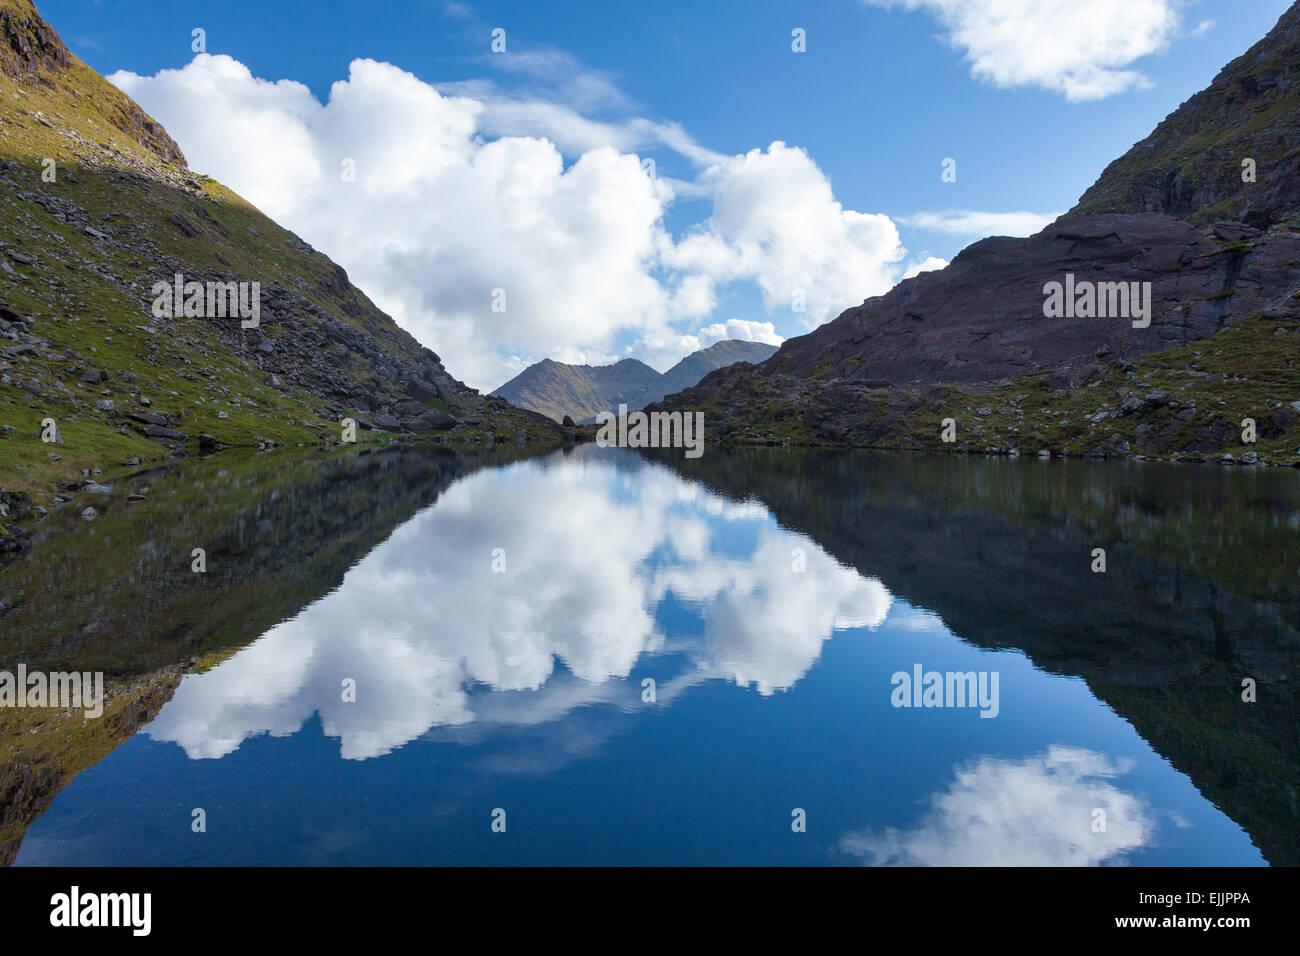 Lough Cummeenoughter, Irlands höchste See, an den Hängen des den Carrauntoohil. MacGillycuddy's Reeks, Stockbild